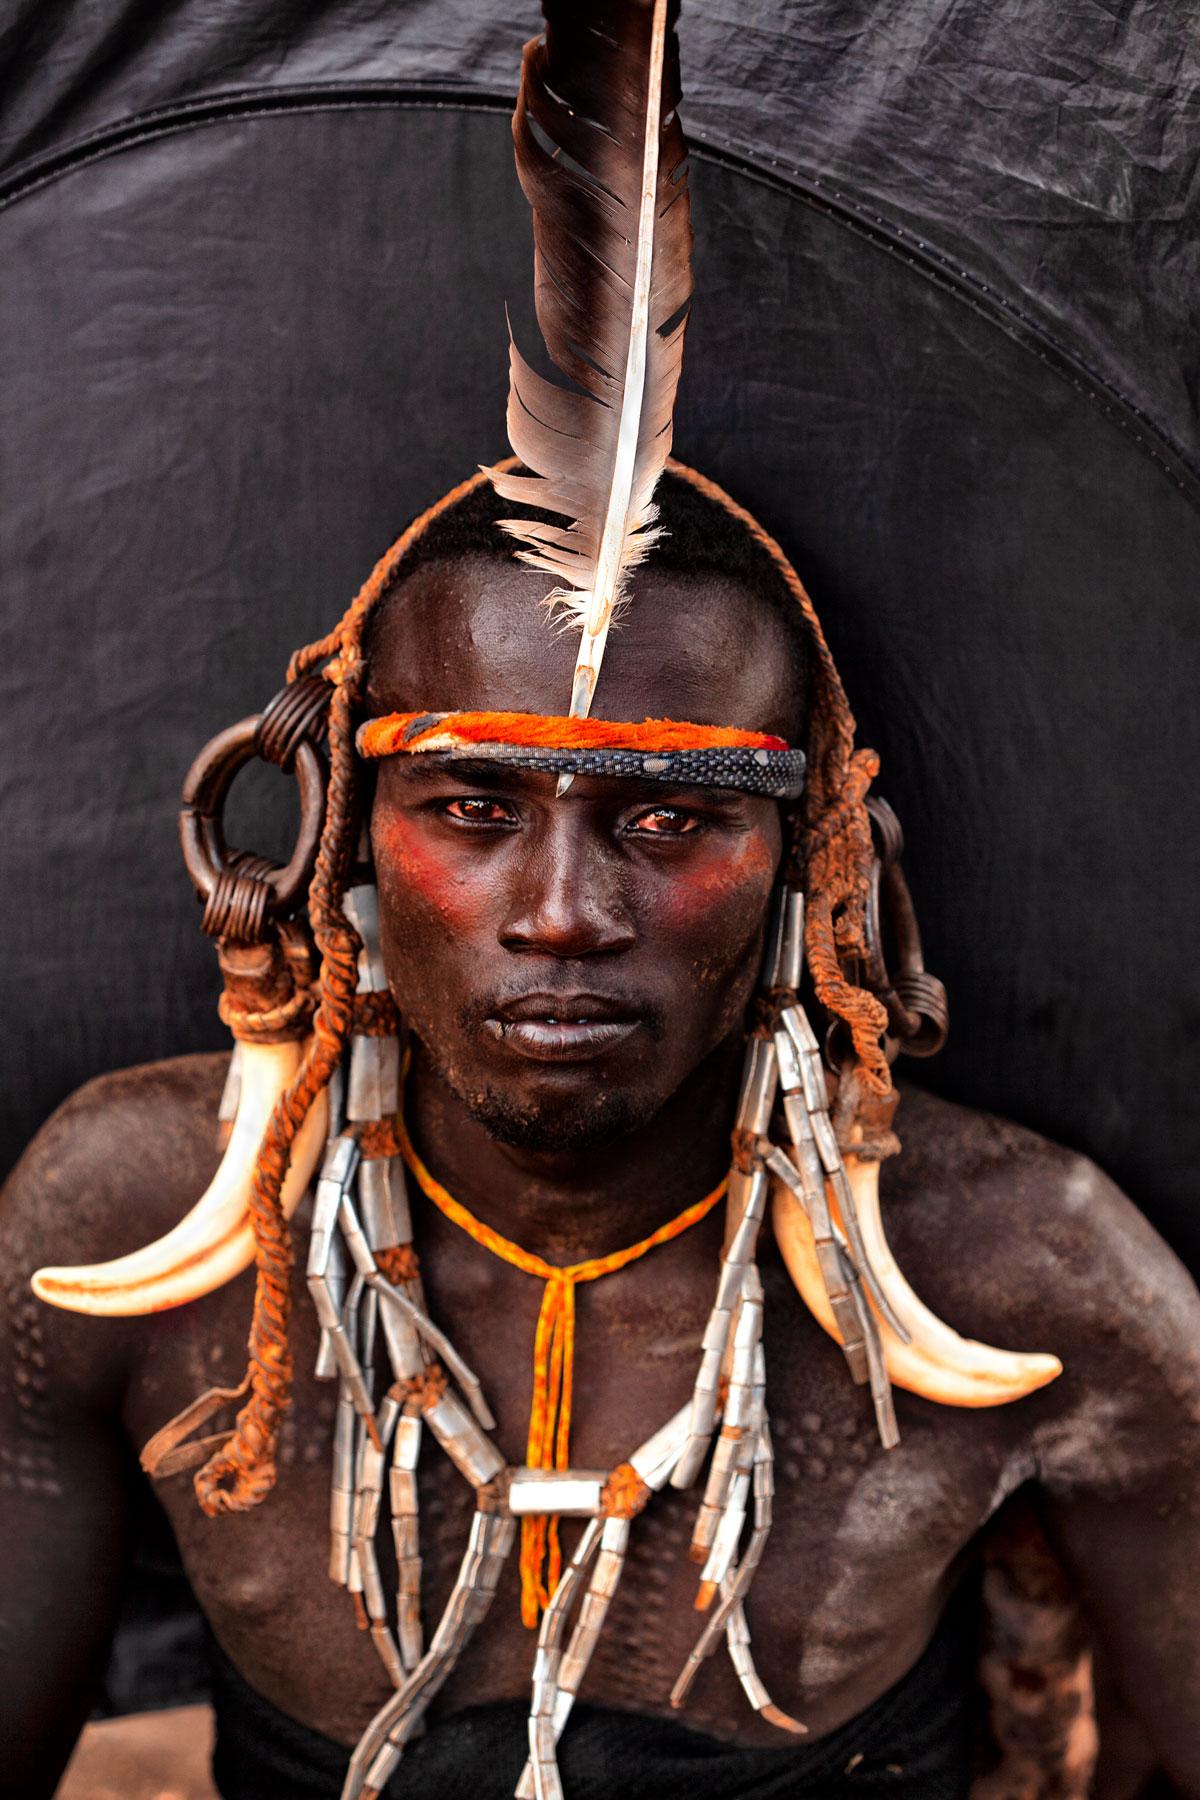 Ethiopian Portraits Omo Valley - etiopia retratos, valle del omo, tribus sur de etiopía , ethiopian portraits